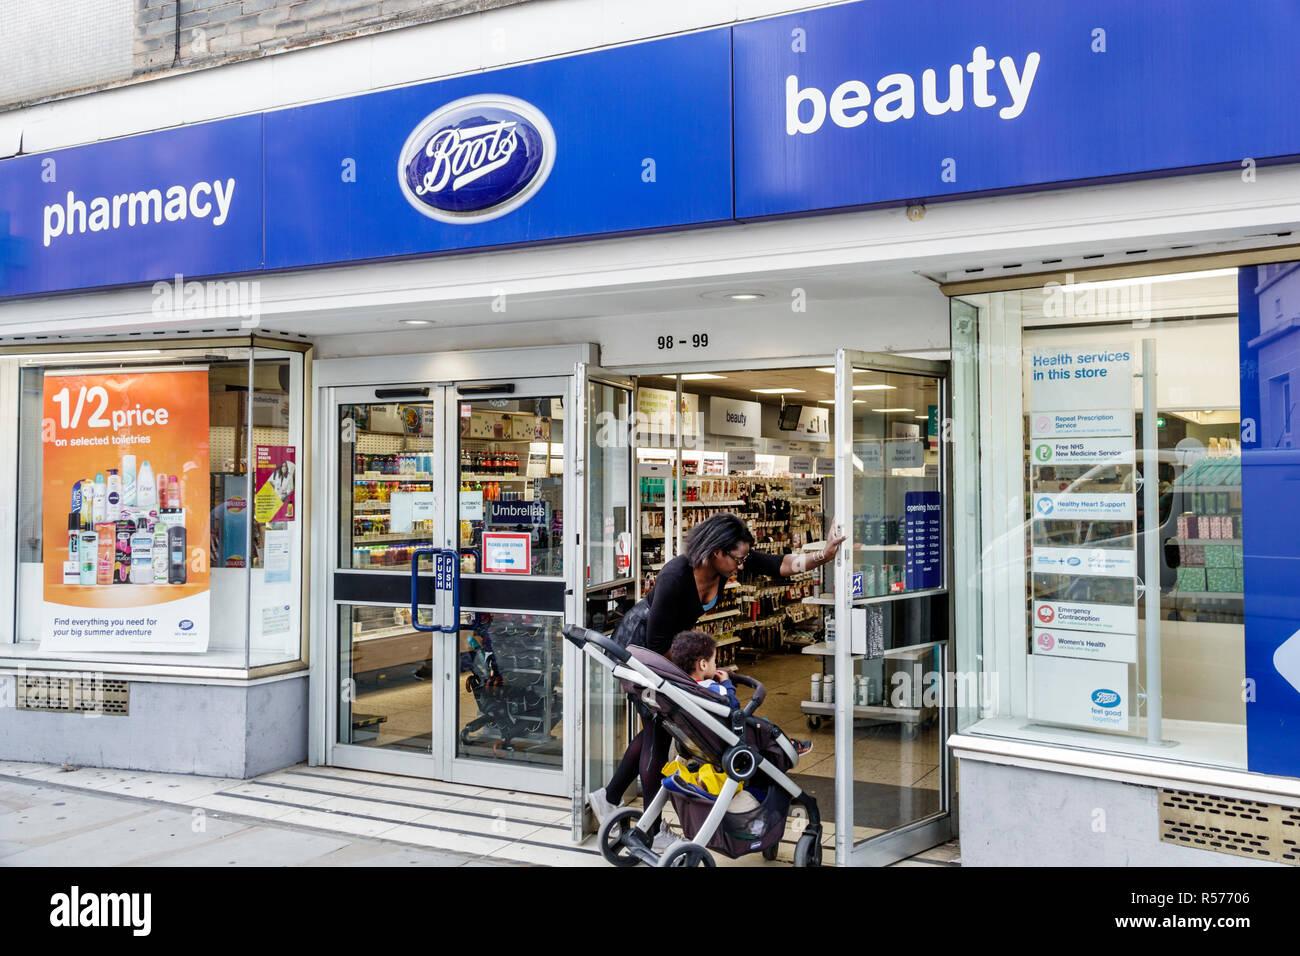 Royaume-uni Grande-Bretagne Angleterre London South Bank de Lambeth marais inférieur Boots pharmacy drug store pharmacie entrée extérieure du magasin bébé femme noire Photo Stock